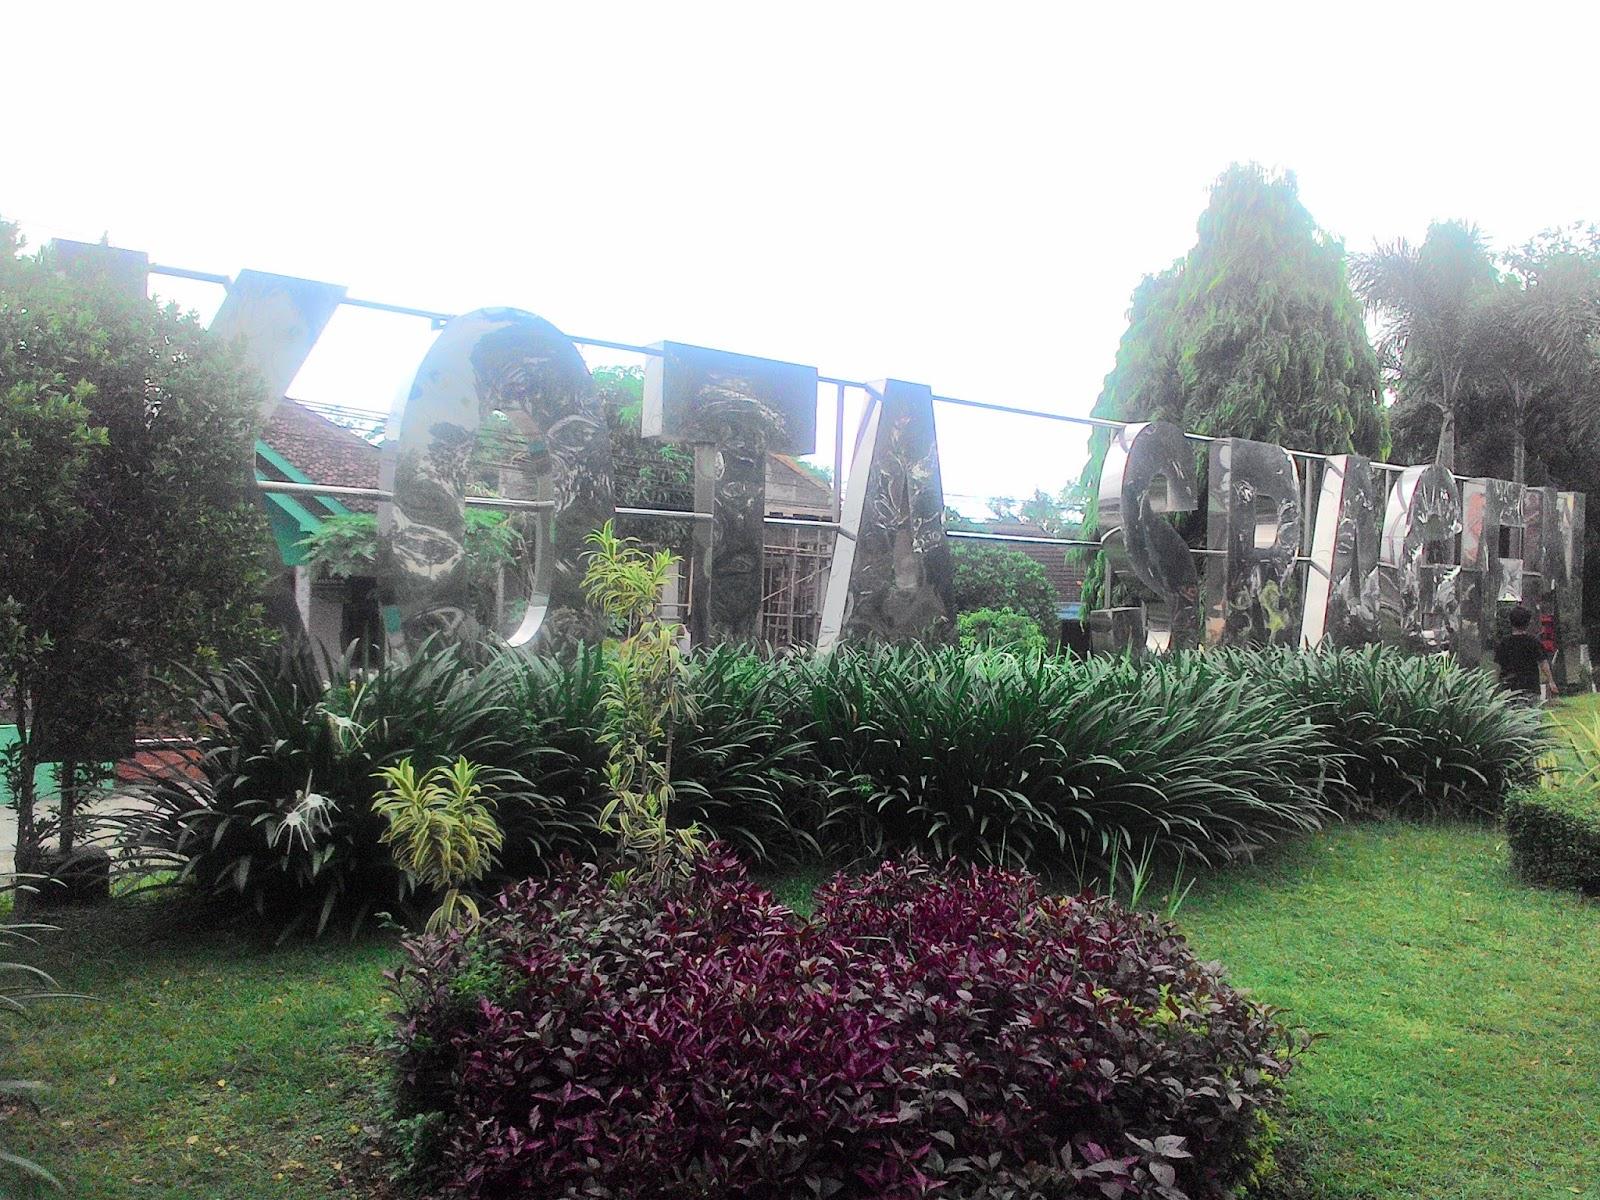 Taman Selamat Datang Kota Sragen Cocok Selfi Bersantai Ria Wisata